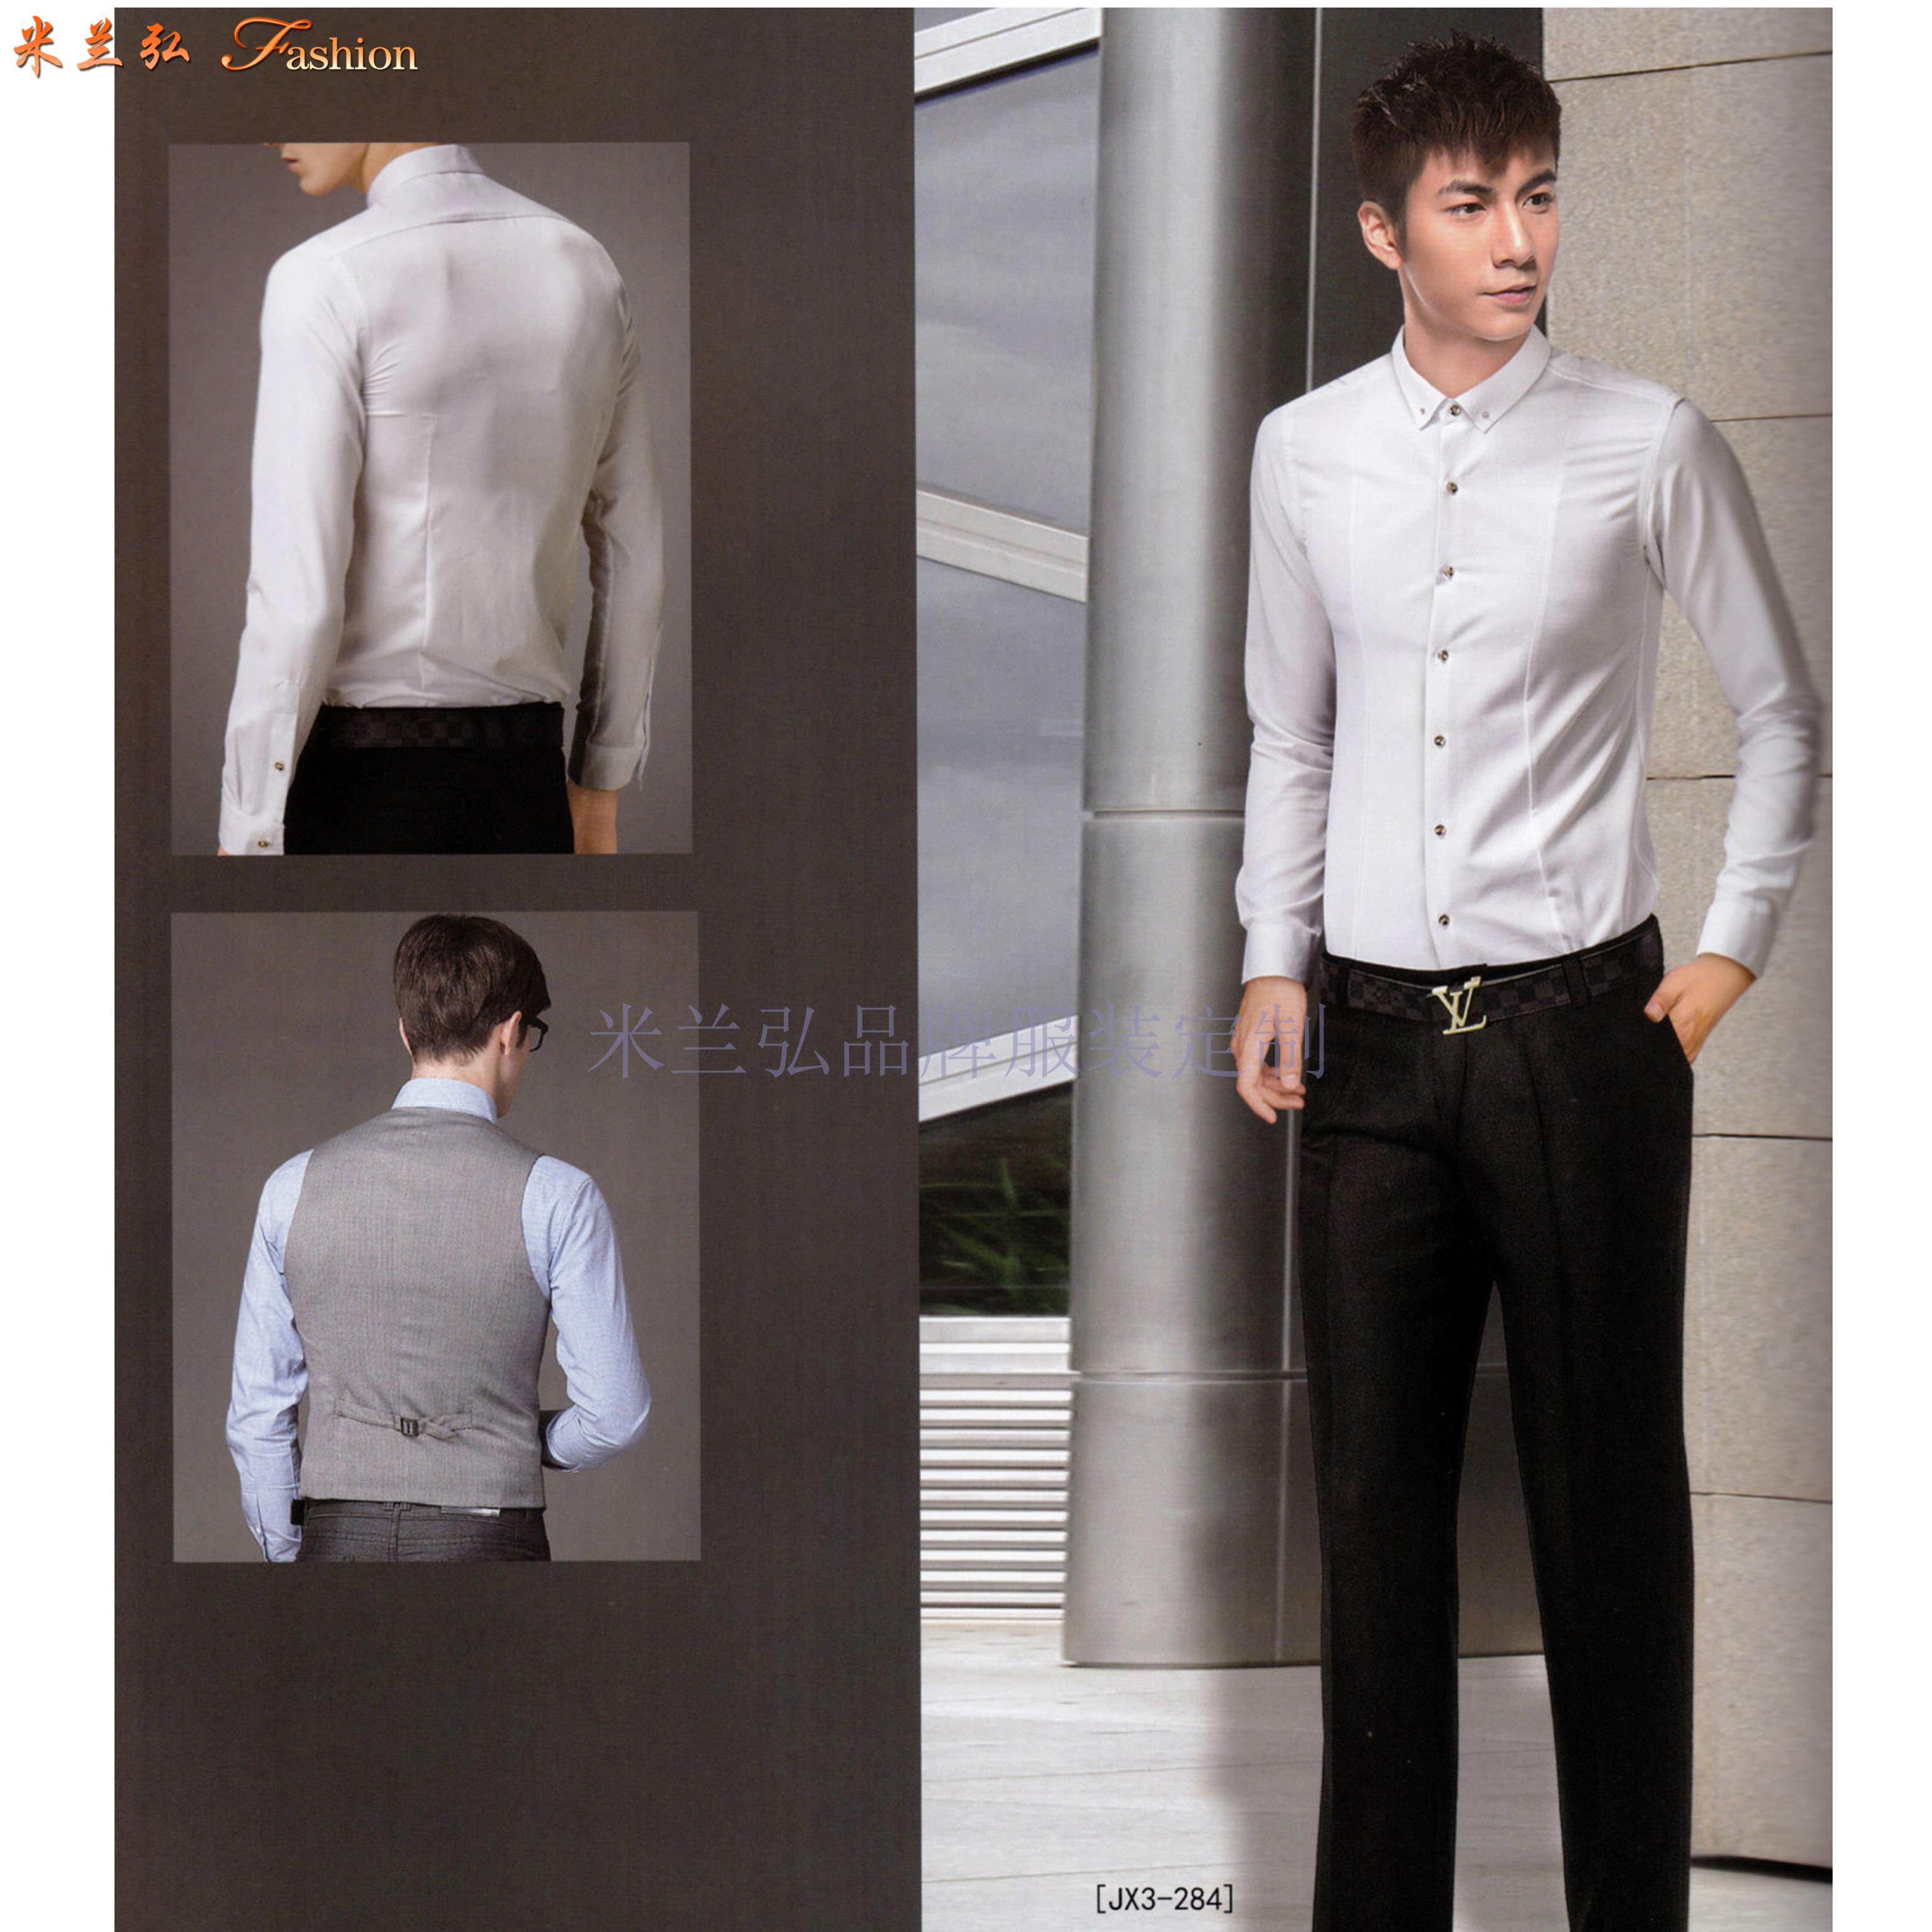 「高级衬衫定制」「私人衬衫定做」品牌衬衫订制厂家-米兰弘-2